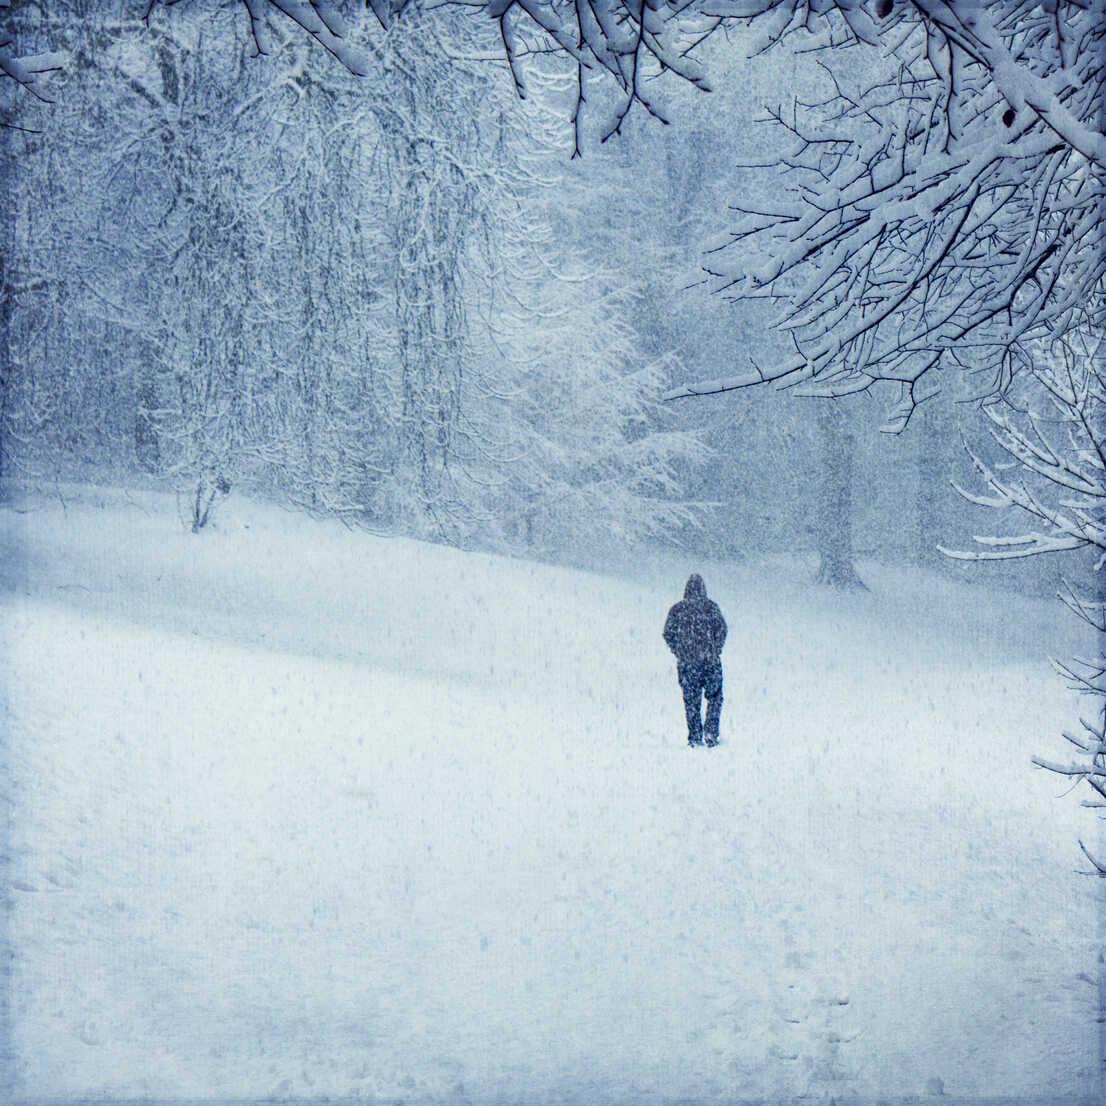 Forest in winter near Wuppertal, man during snow fall - DWIF00971 - Dirk Wüstenhagen/Westend61